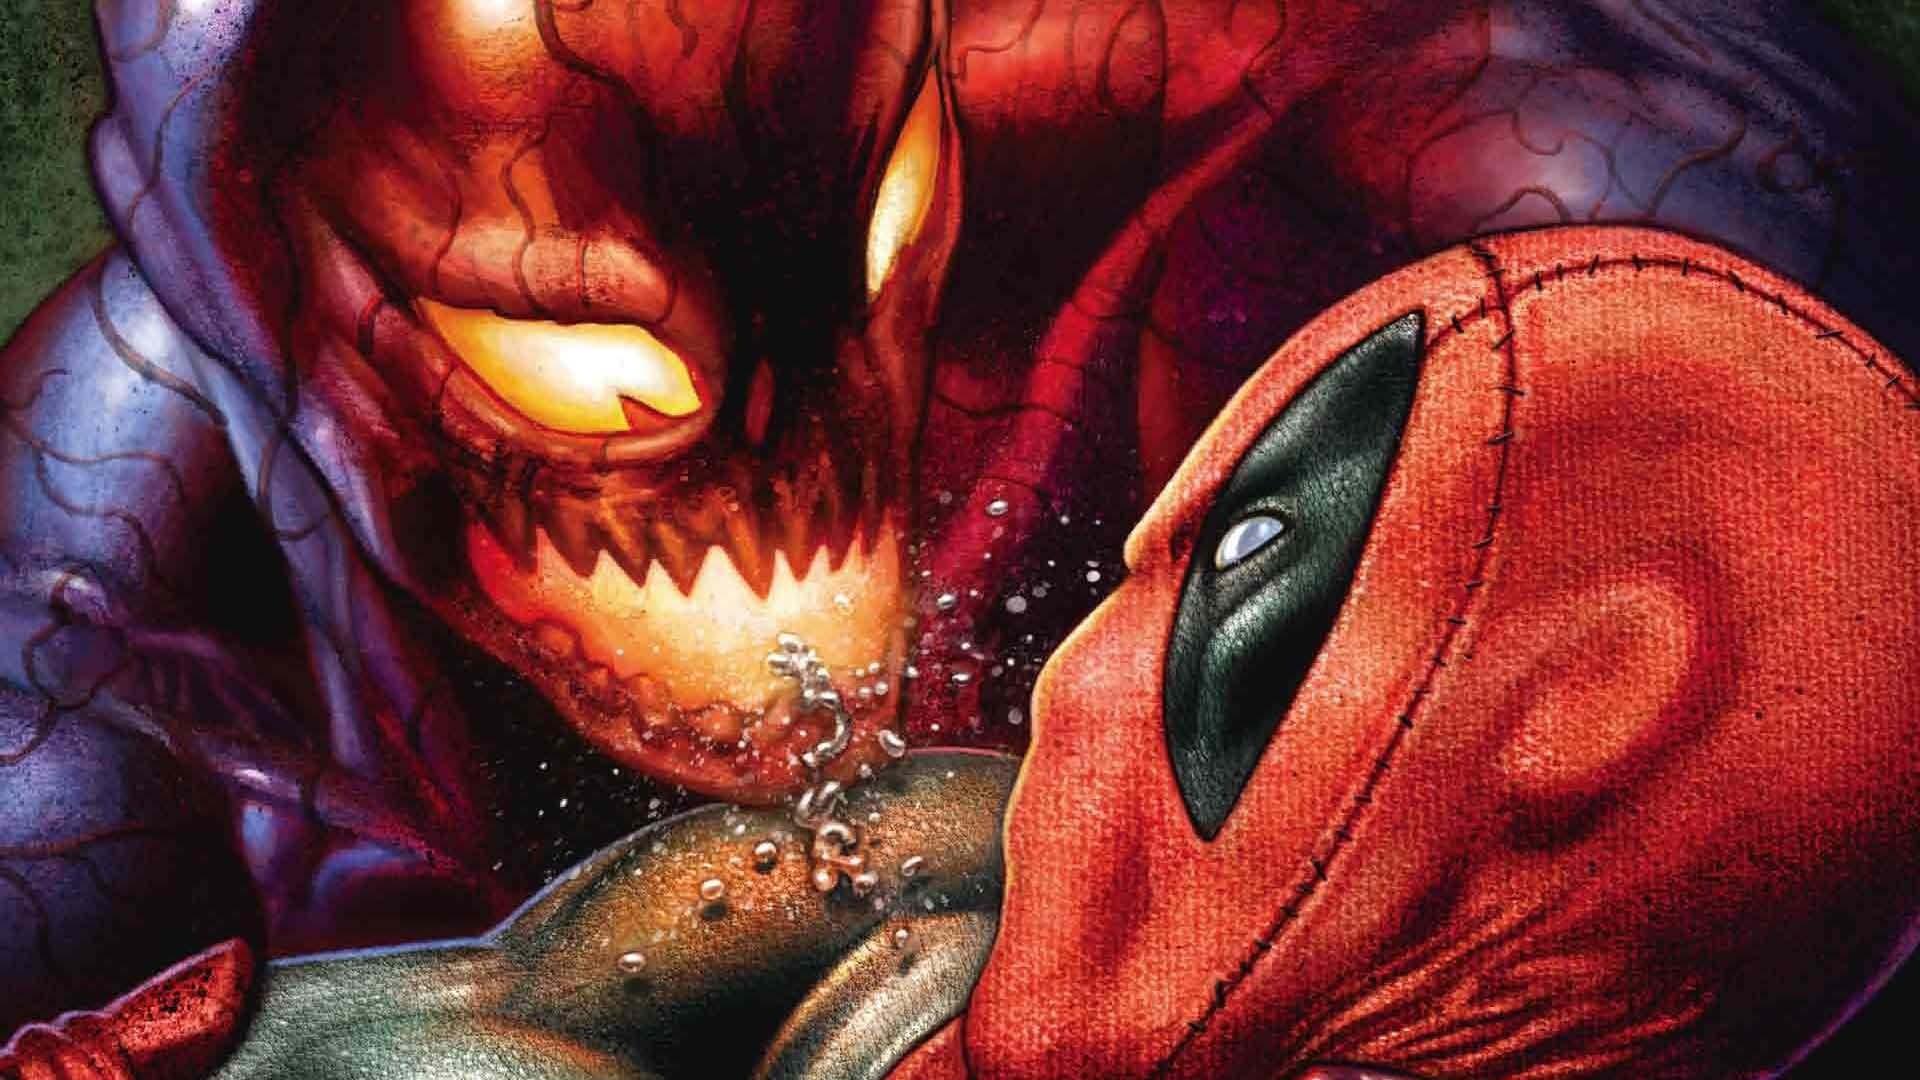 Comics Deadpool Vs. Carnage Deadpool Wallpaper